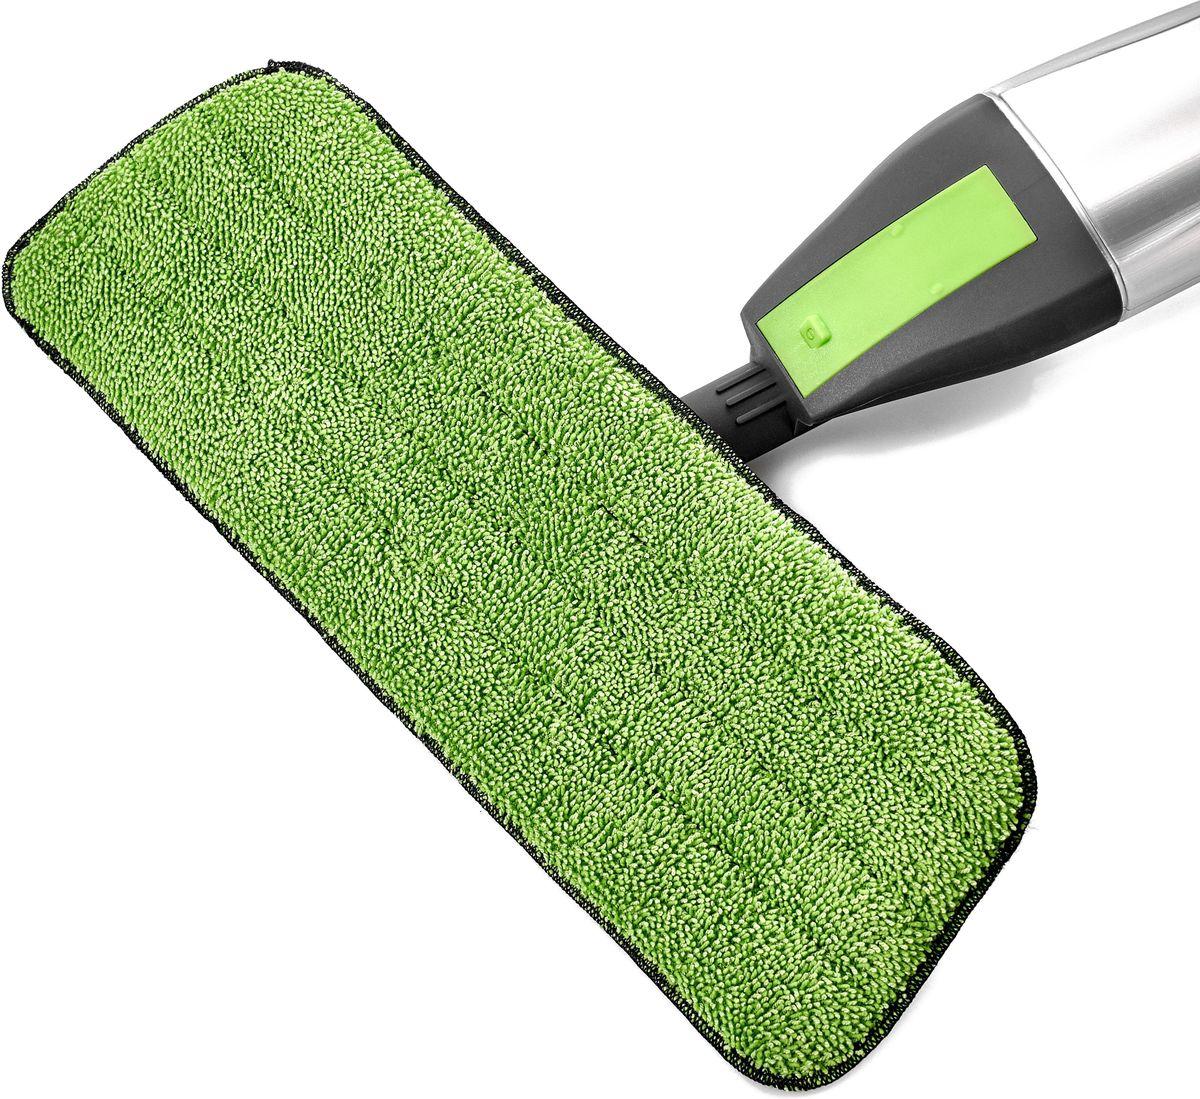 Насадка сменная для швабры спрей мопа Walmer House, цвет: зеленый, 41 х 14 смHM-1674Сменная насадка для швабры спрей мопа Walmer House выполнена измикрофибры.Насадки из микроволокна обладают несколькими важнымидостоинствами: микроволокно в сухом виде в процессепротирания поверхности электризуется и притягивает к себемельчайшие частицы пыли, а не разгоняет их по комнате. Привлажной уборке, благодаря способности микрофибровоговолокна поглощать влагу в семь раз больше самой ткани,насадка хорошо впитывает и удерживает влагу, забирает вструктуру ткани любые загрязнения, не оставляет разводов.Крученые петли работают как деликатный абразив иусиливают впитывающие свойства микрофибры.Использование насадки для швабры Walmer House позволяеточистить любые поверхности от пыли и грязи безиспользования химических средств. Размер: 41 х 14 см.